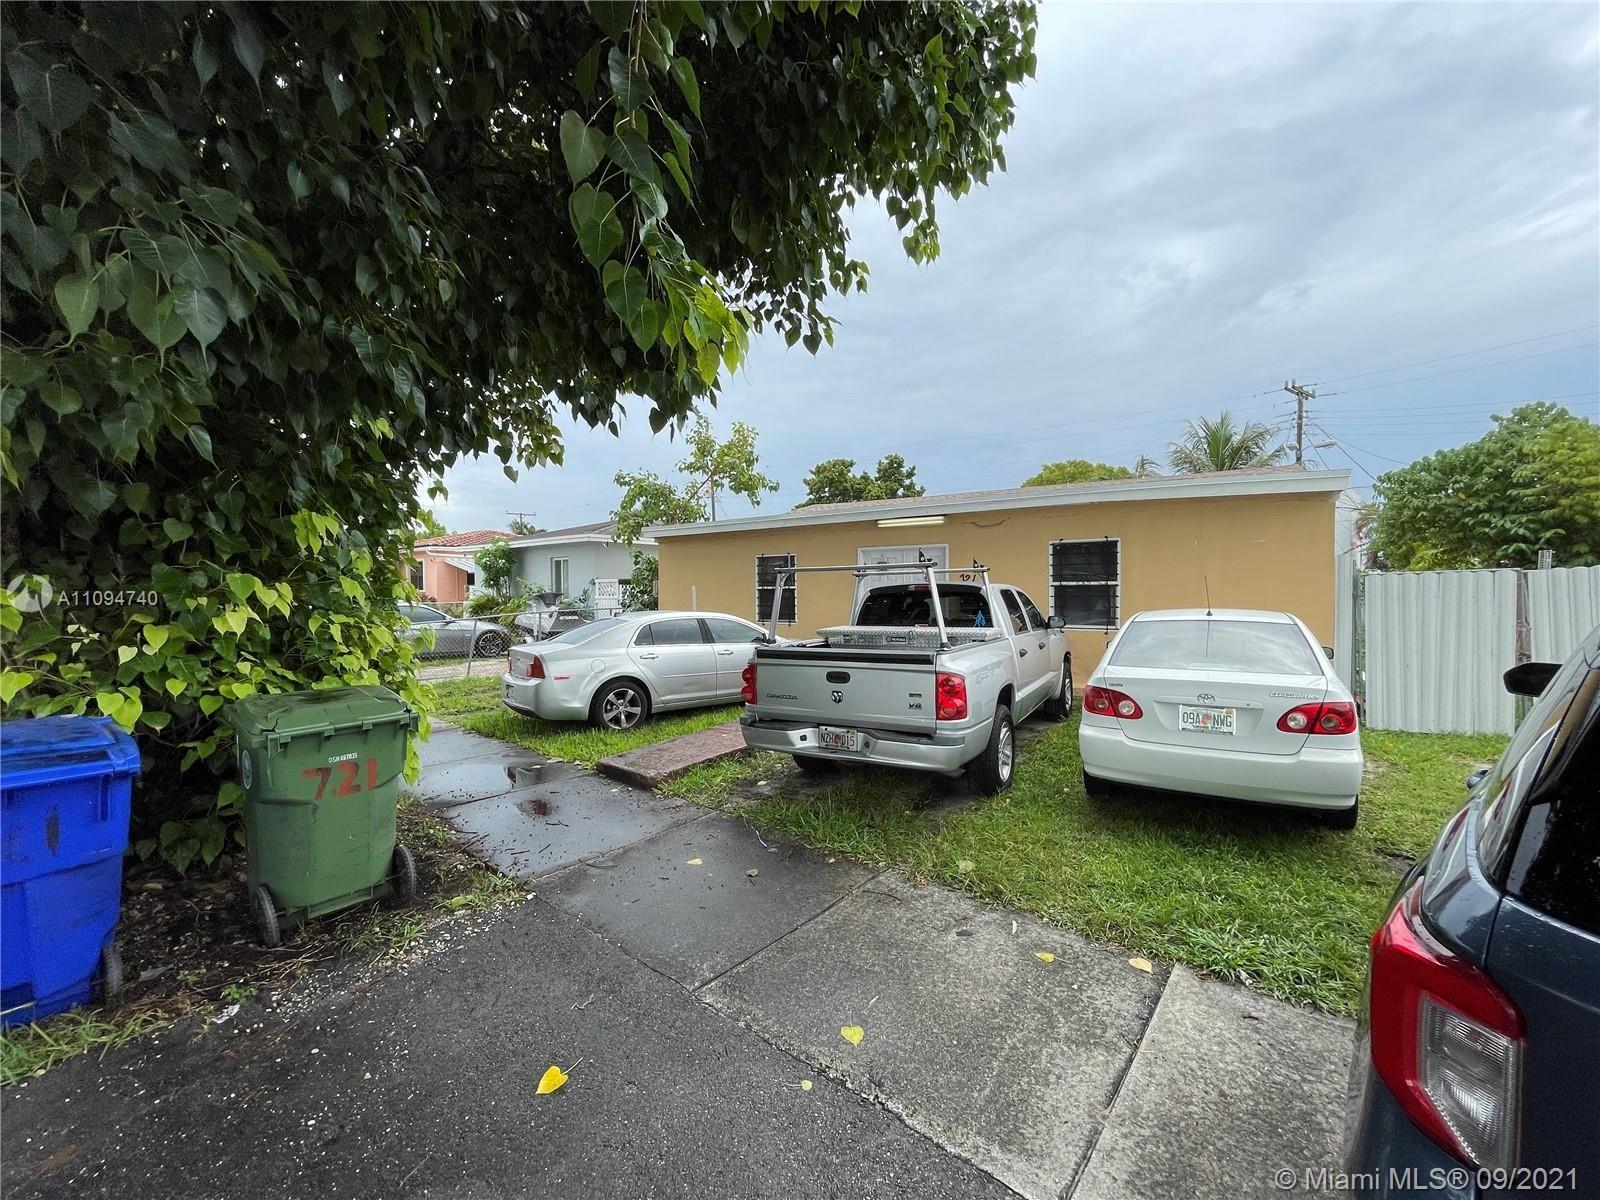 721 Tamiami Blvd, Miami, FL 33144 - #: A11094740